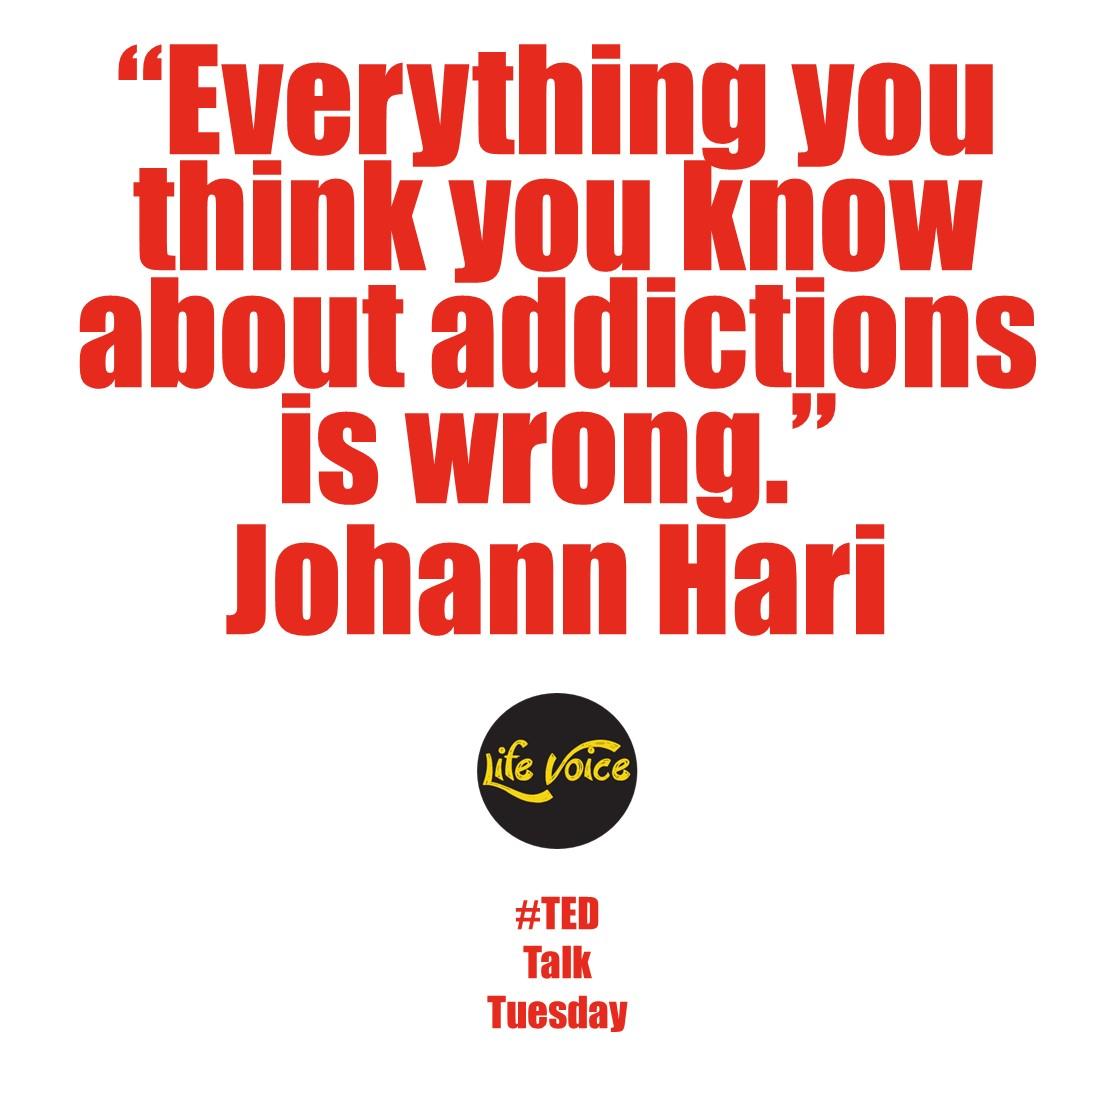 Johann Hari – Life Voice